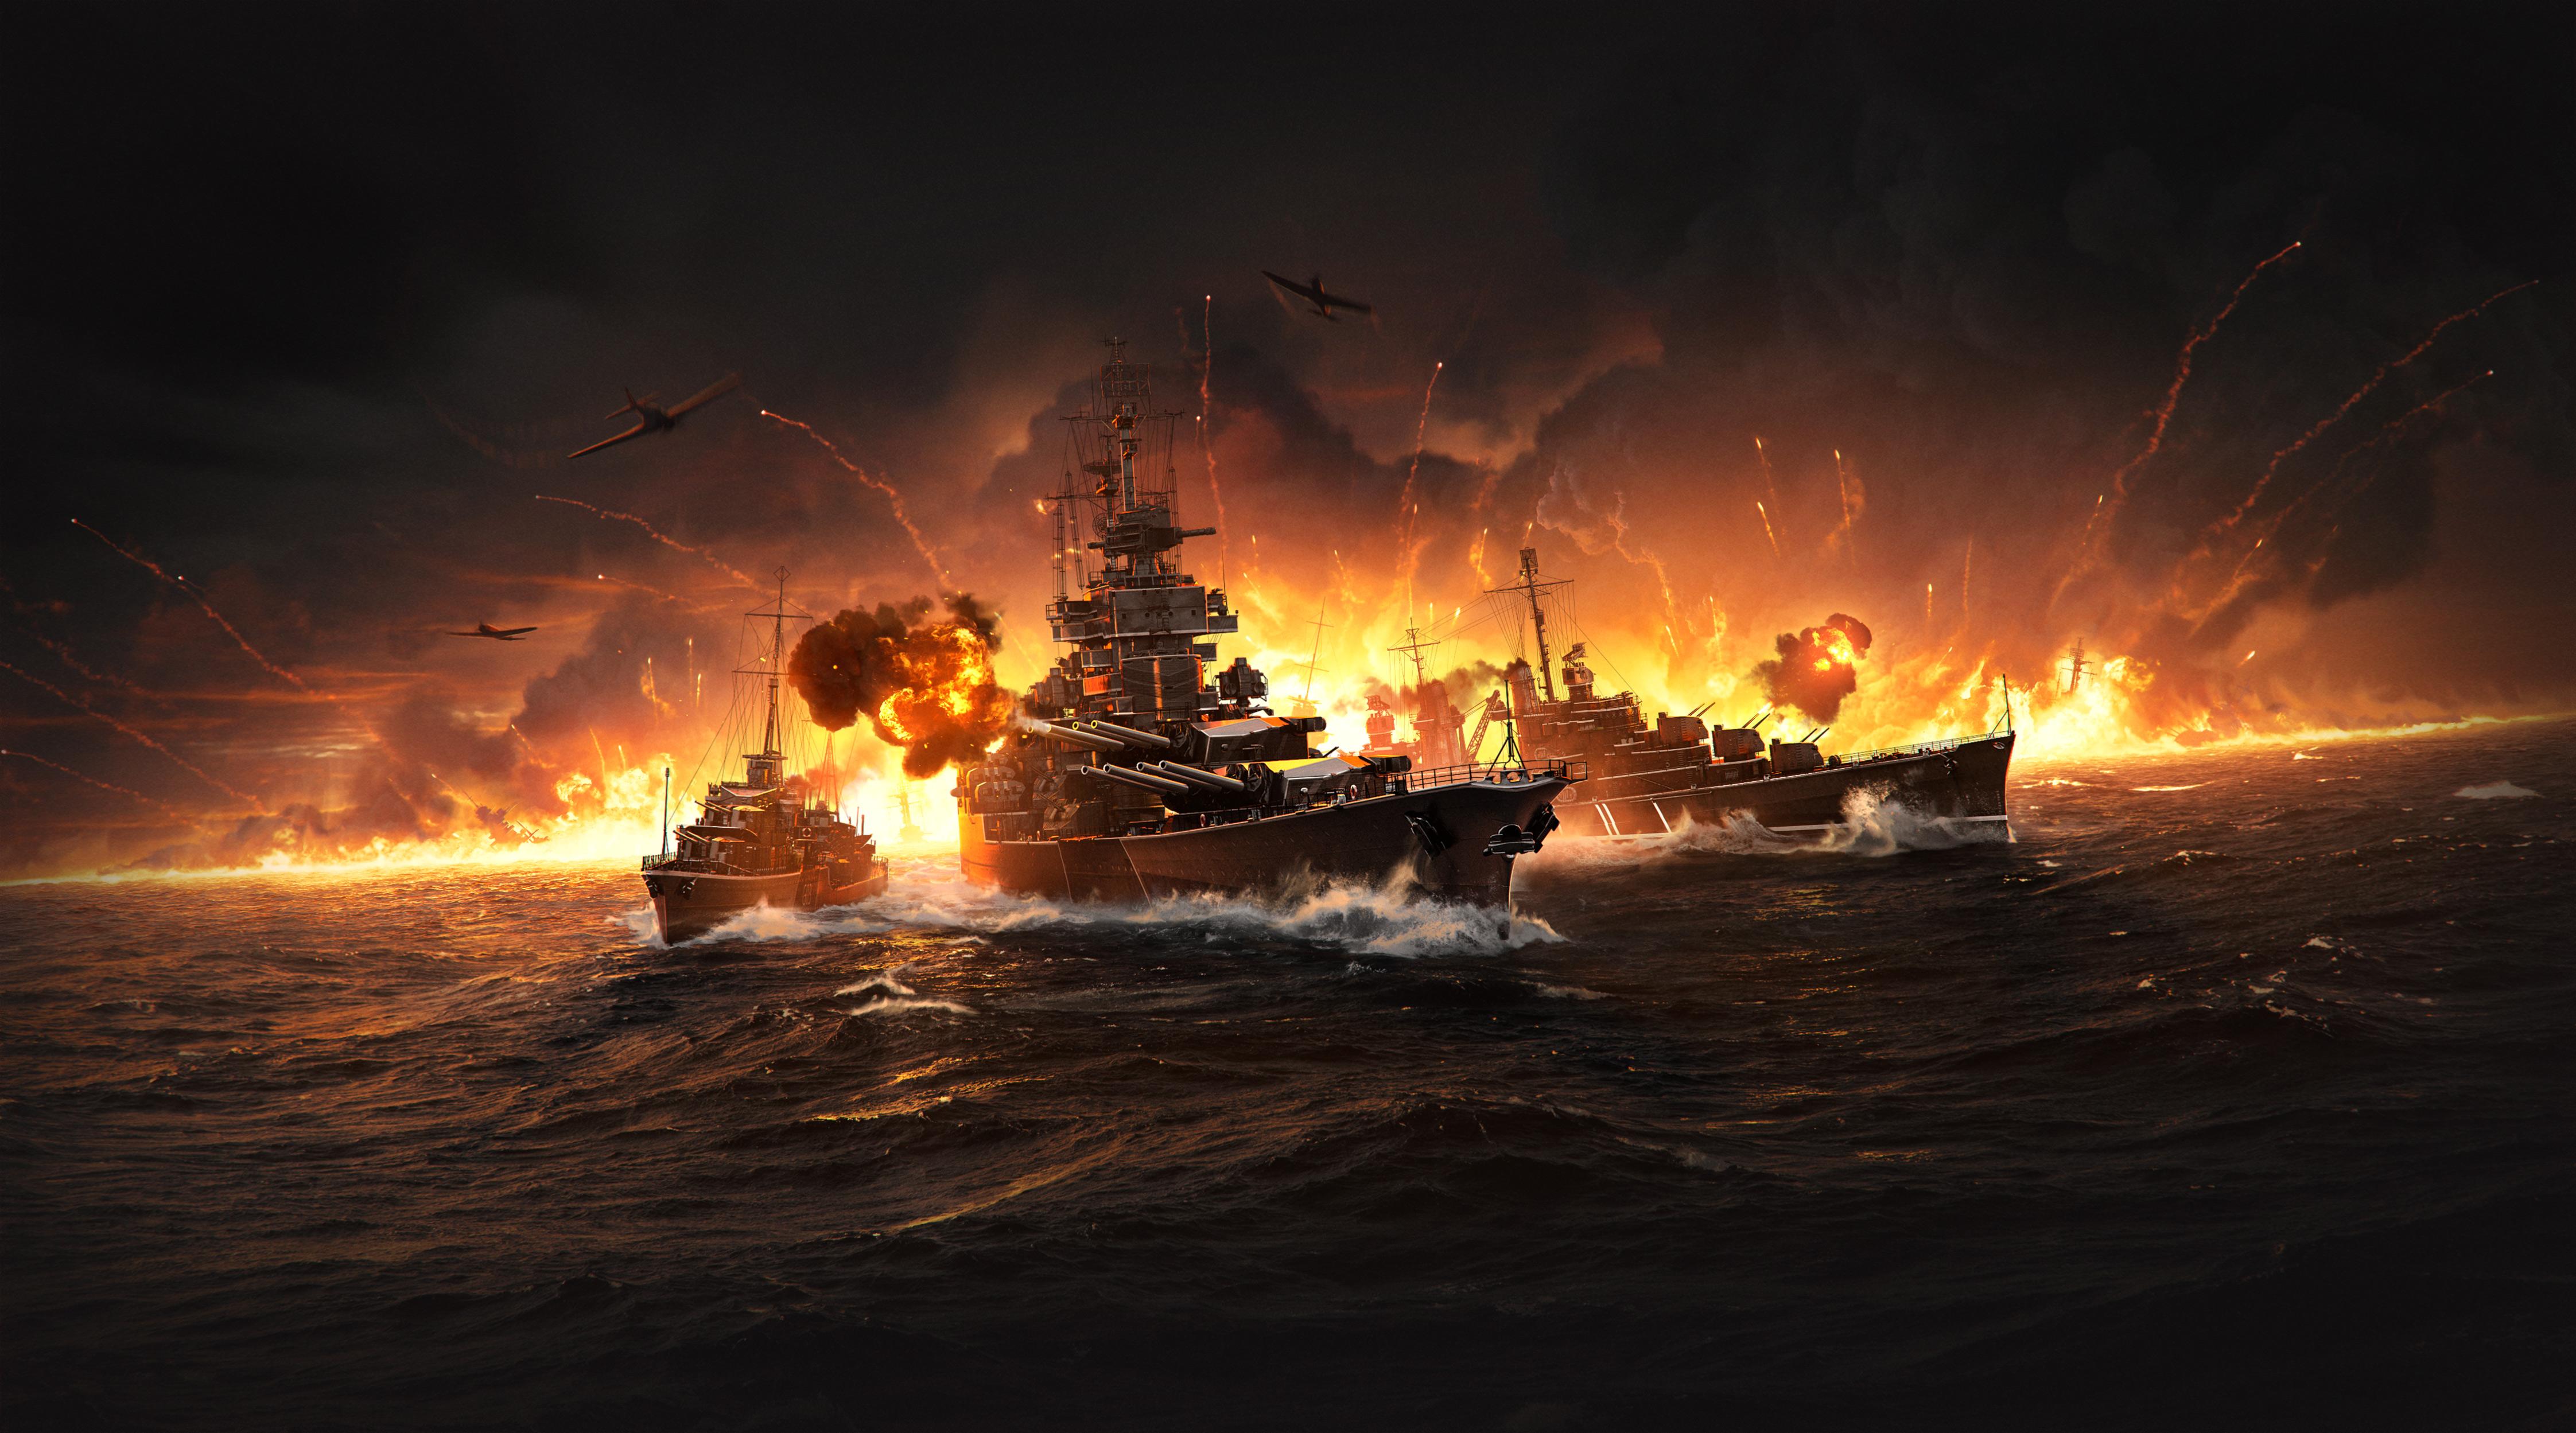 《戰艦世界》與《戰艦世界:傳奇》將推出黑色星期五限時優惠活動